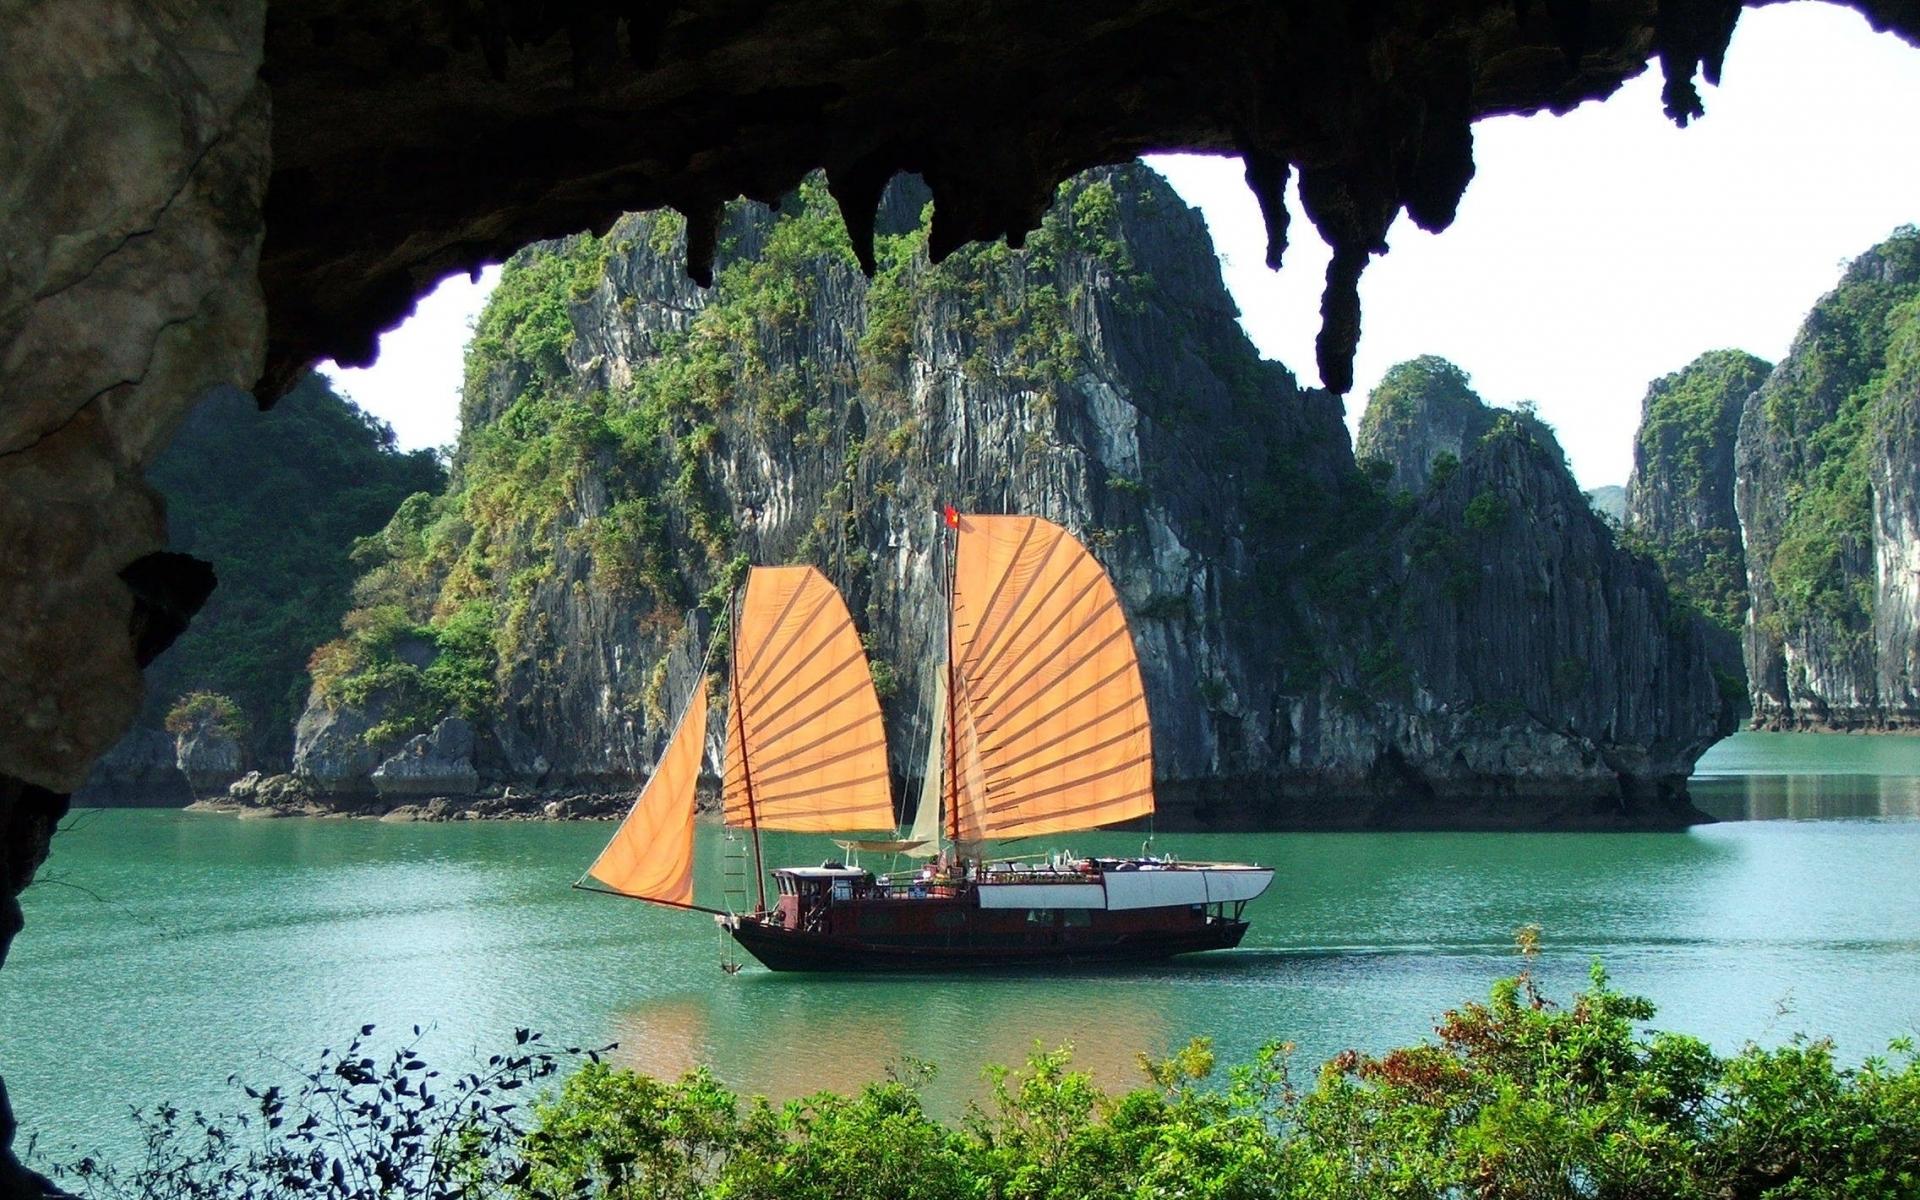 Hong Kong Boat Wallpaper